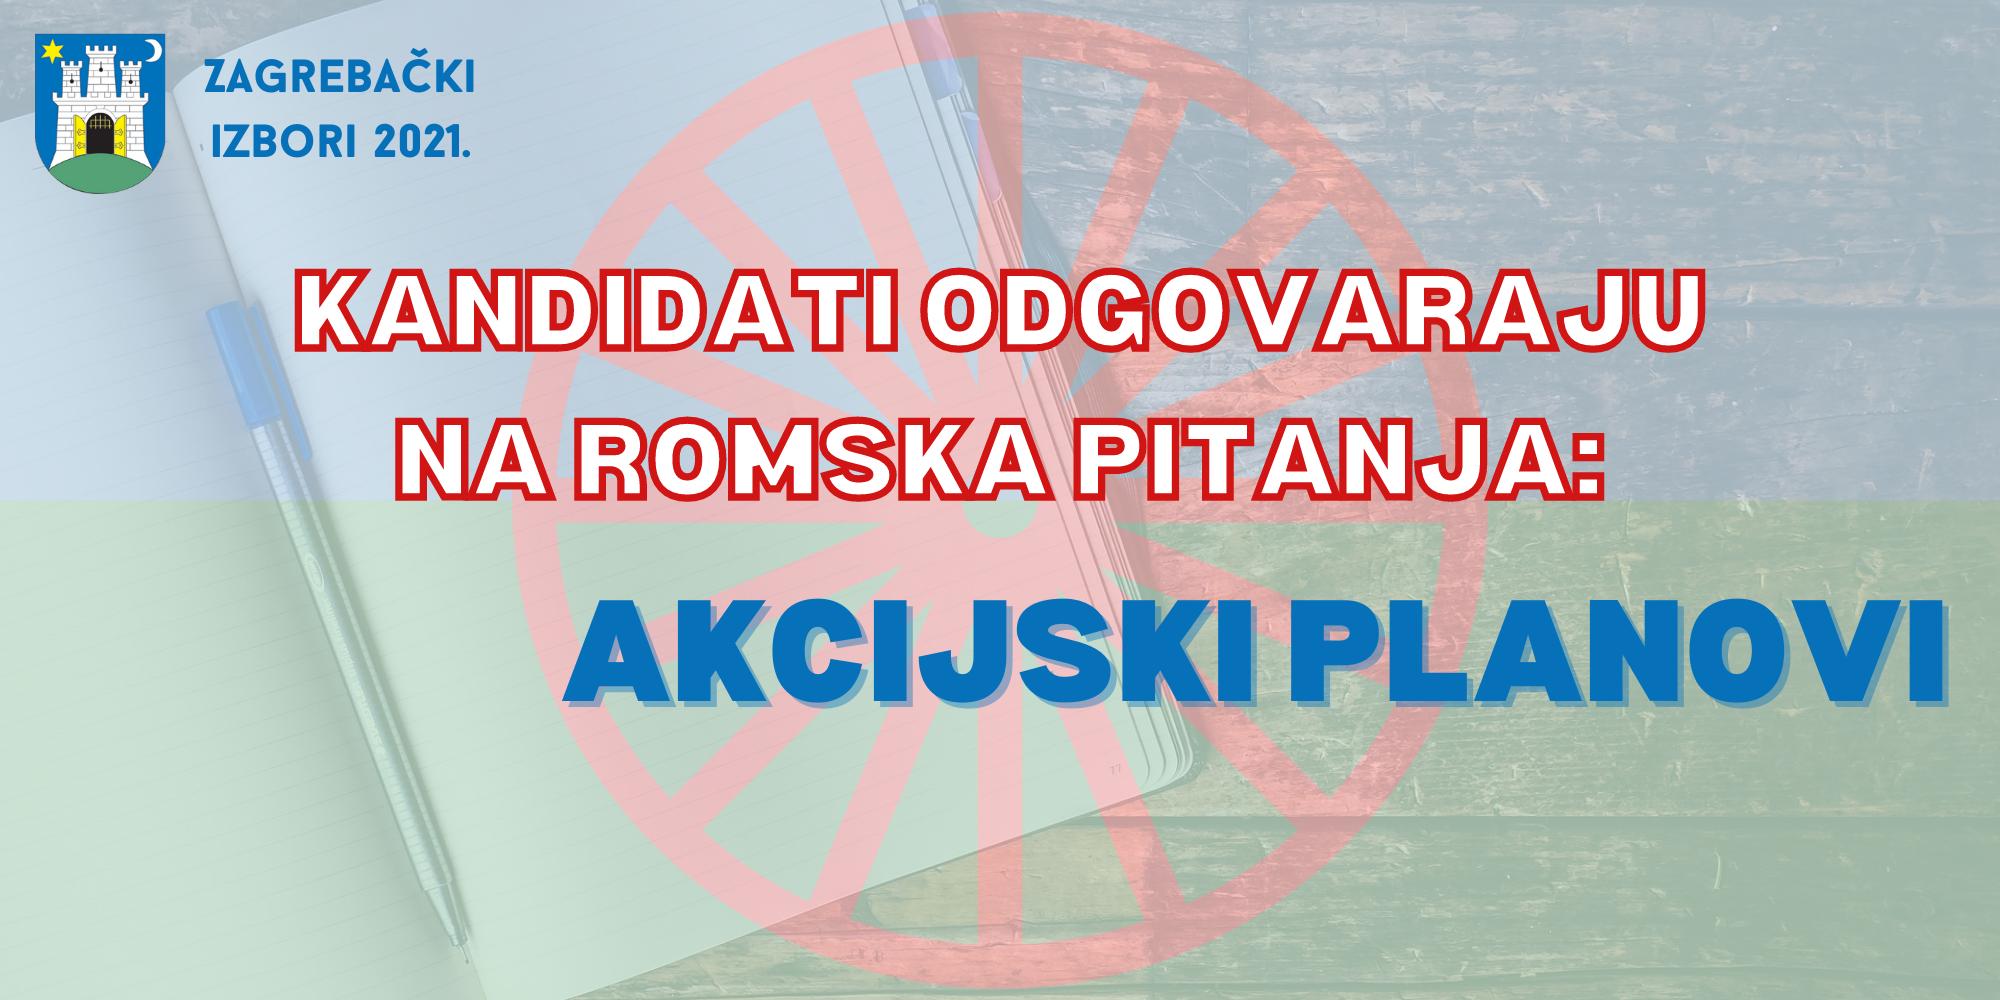 9. g akcijski planovi f1 Anketa: AKCIJSKI PLANOVI